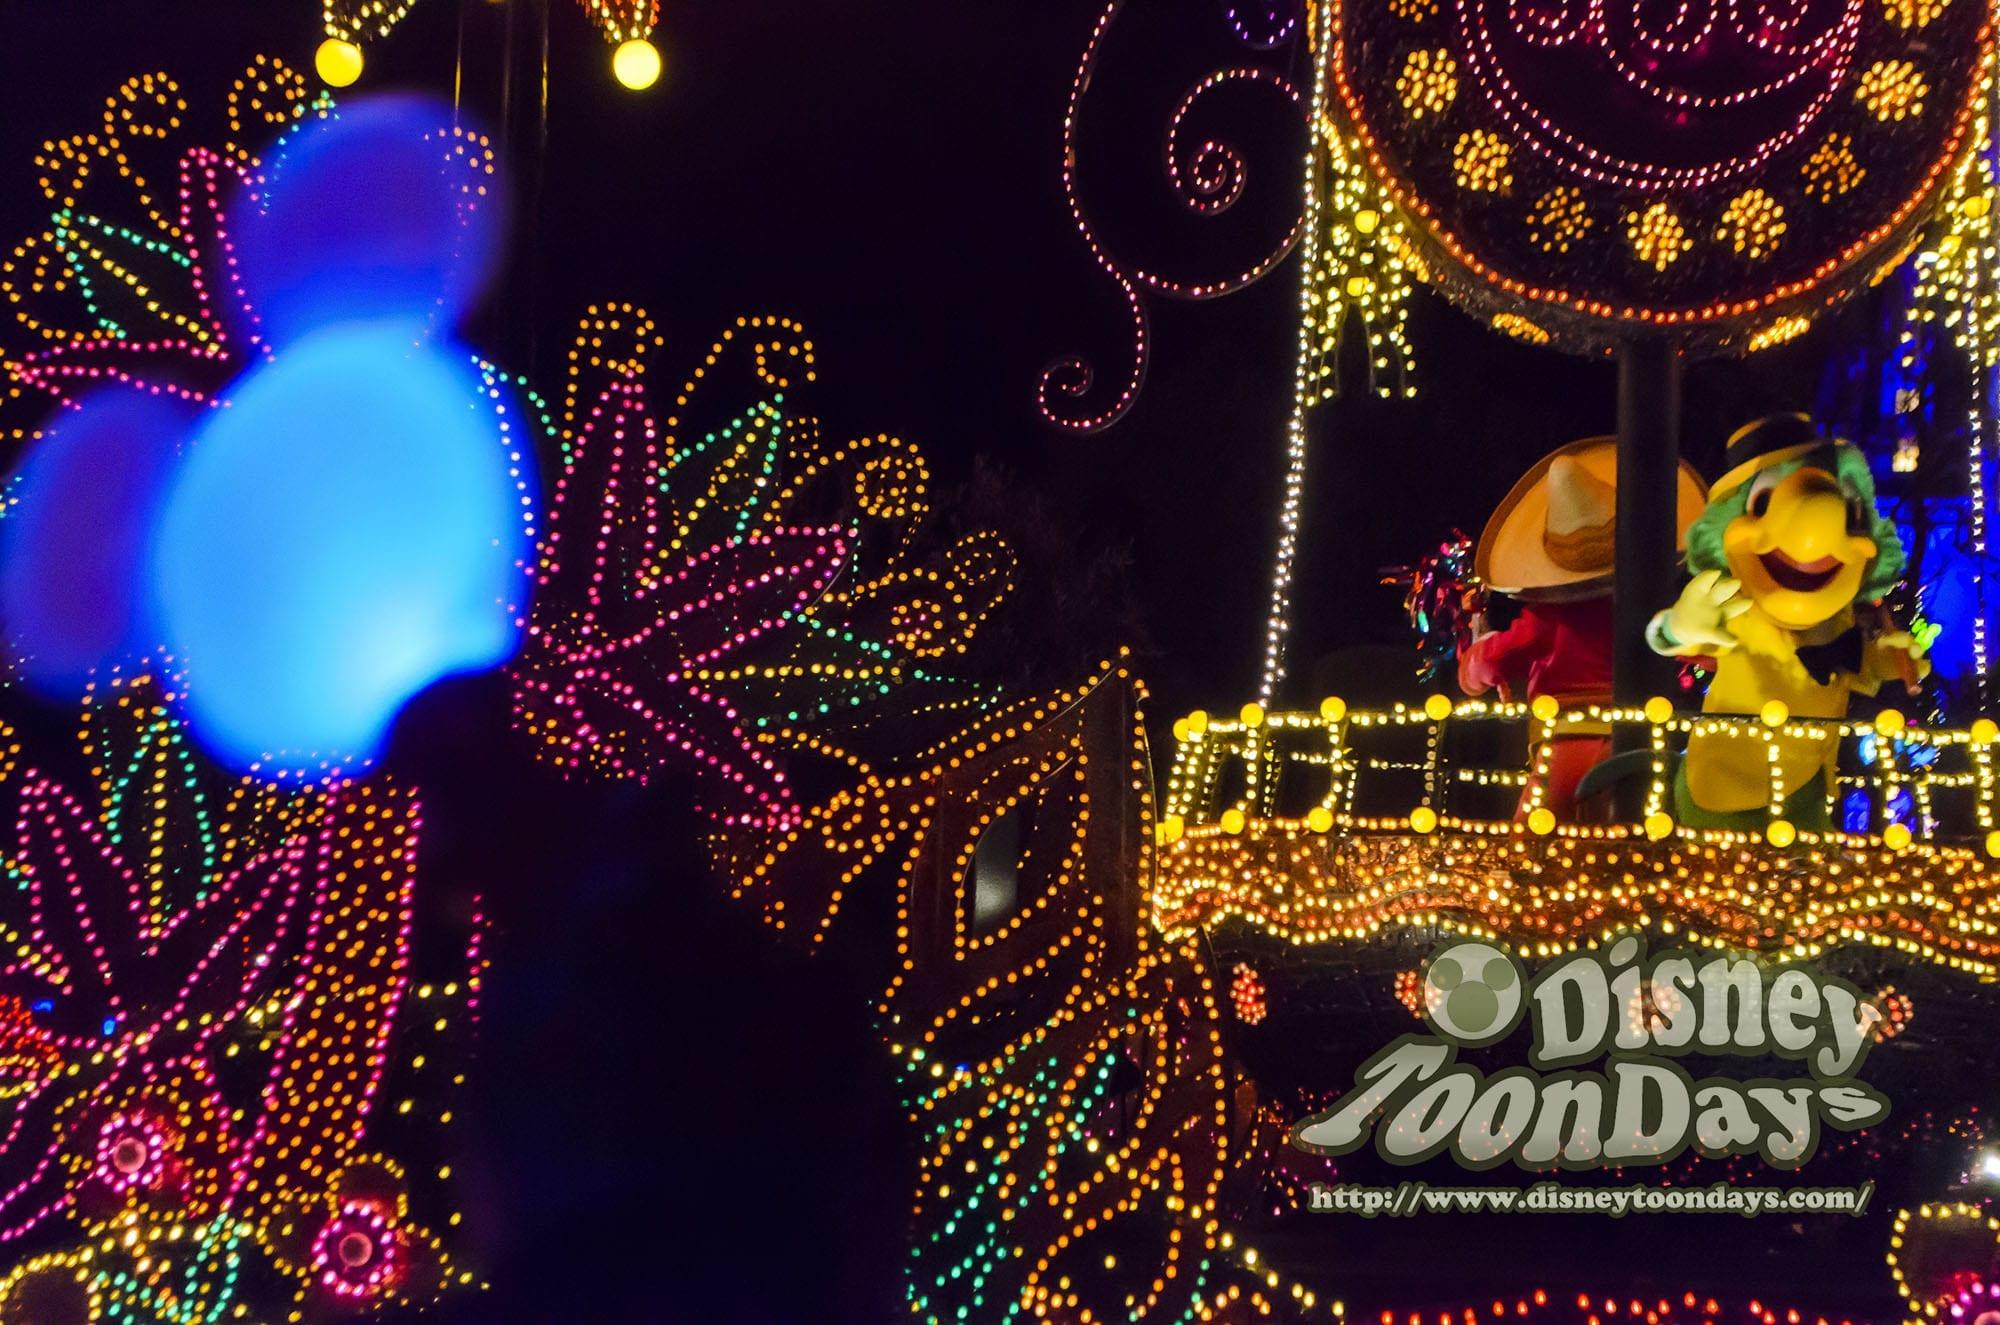 TDL ディズニーJCBカード5周年記念スペシャルナイトat東京ディズニーランド プライベートイブニングパーティー 東京ディズニーランド・エレクトリカルパレード・ドリームライツ ホセキャリオカ パンチート